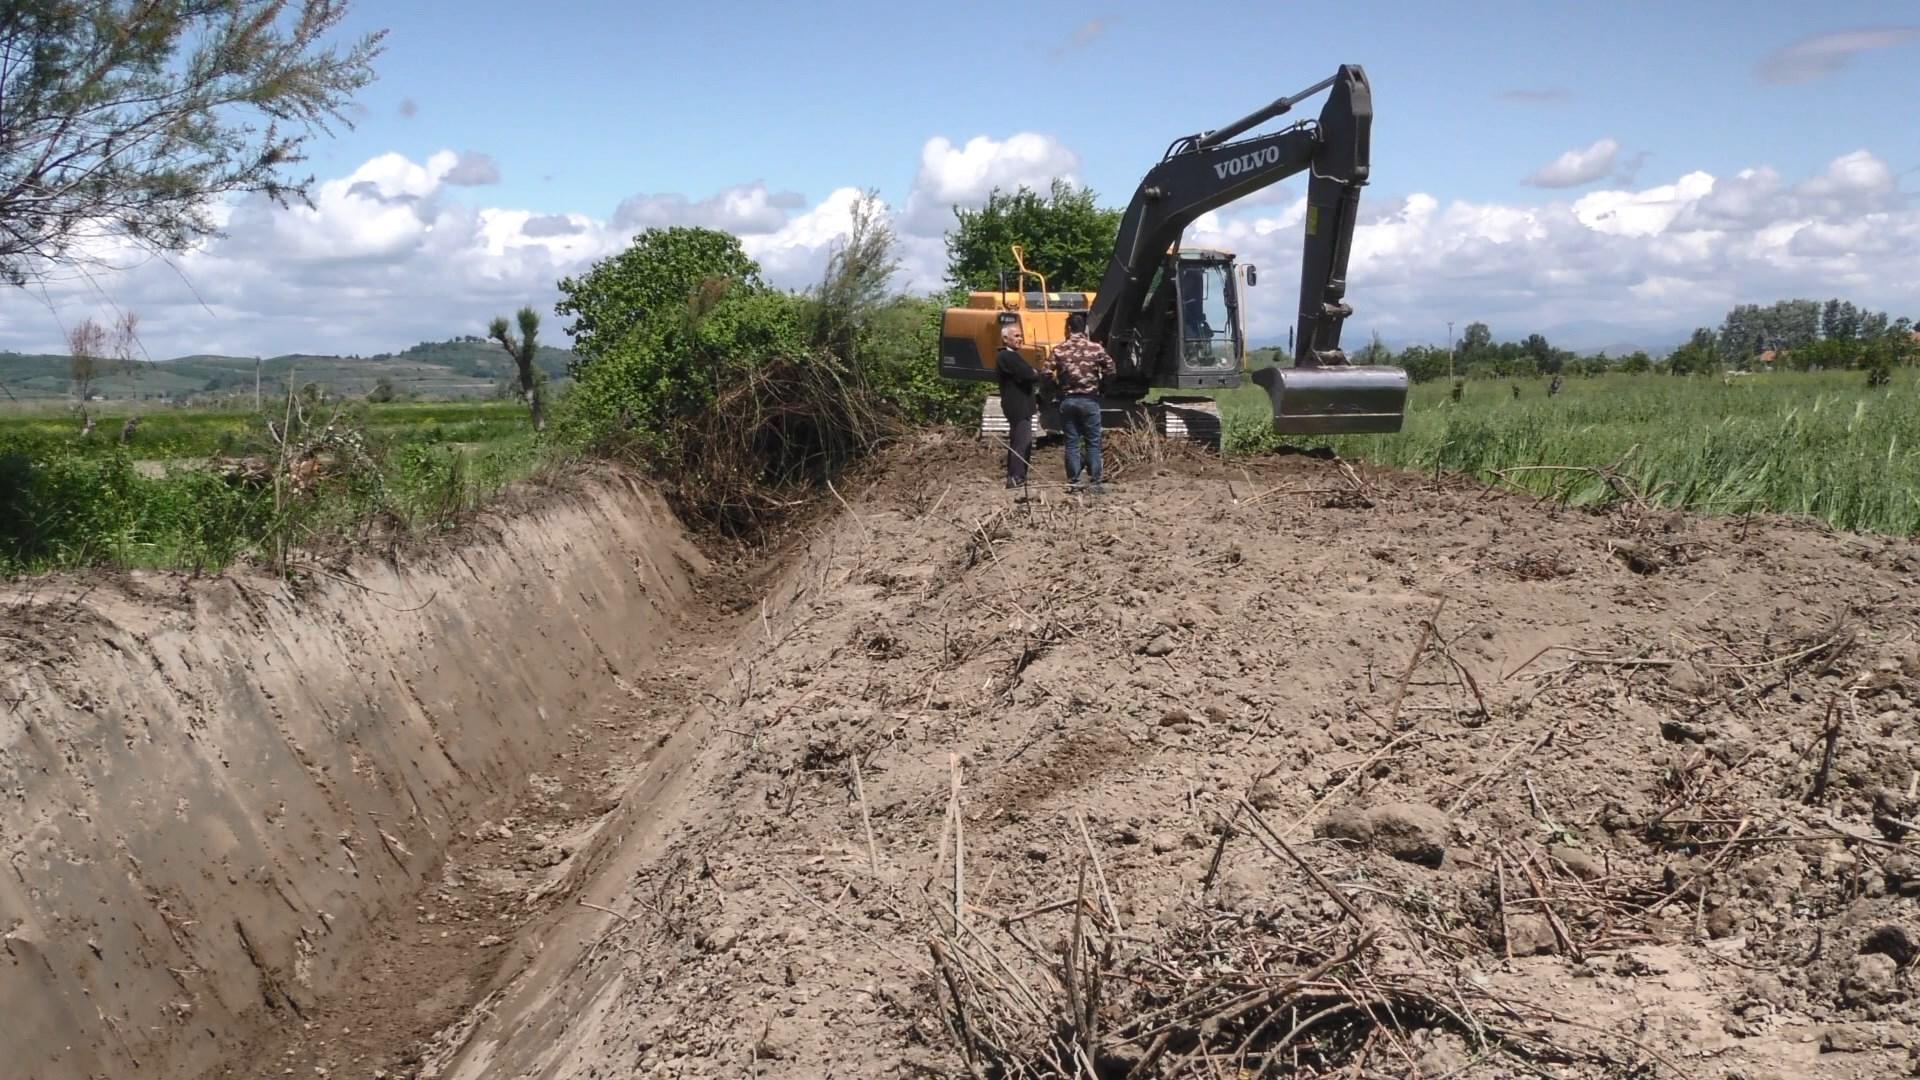 Fier, kanalet e tokave të Myzeqesë më shumë se 30 vjet pa u pastruar